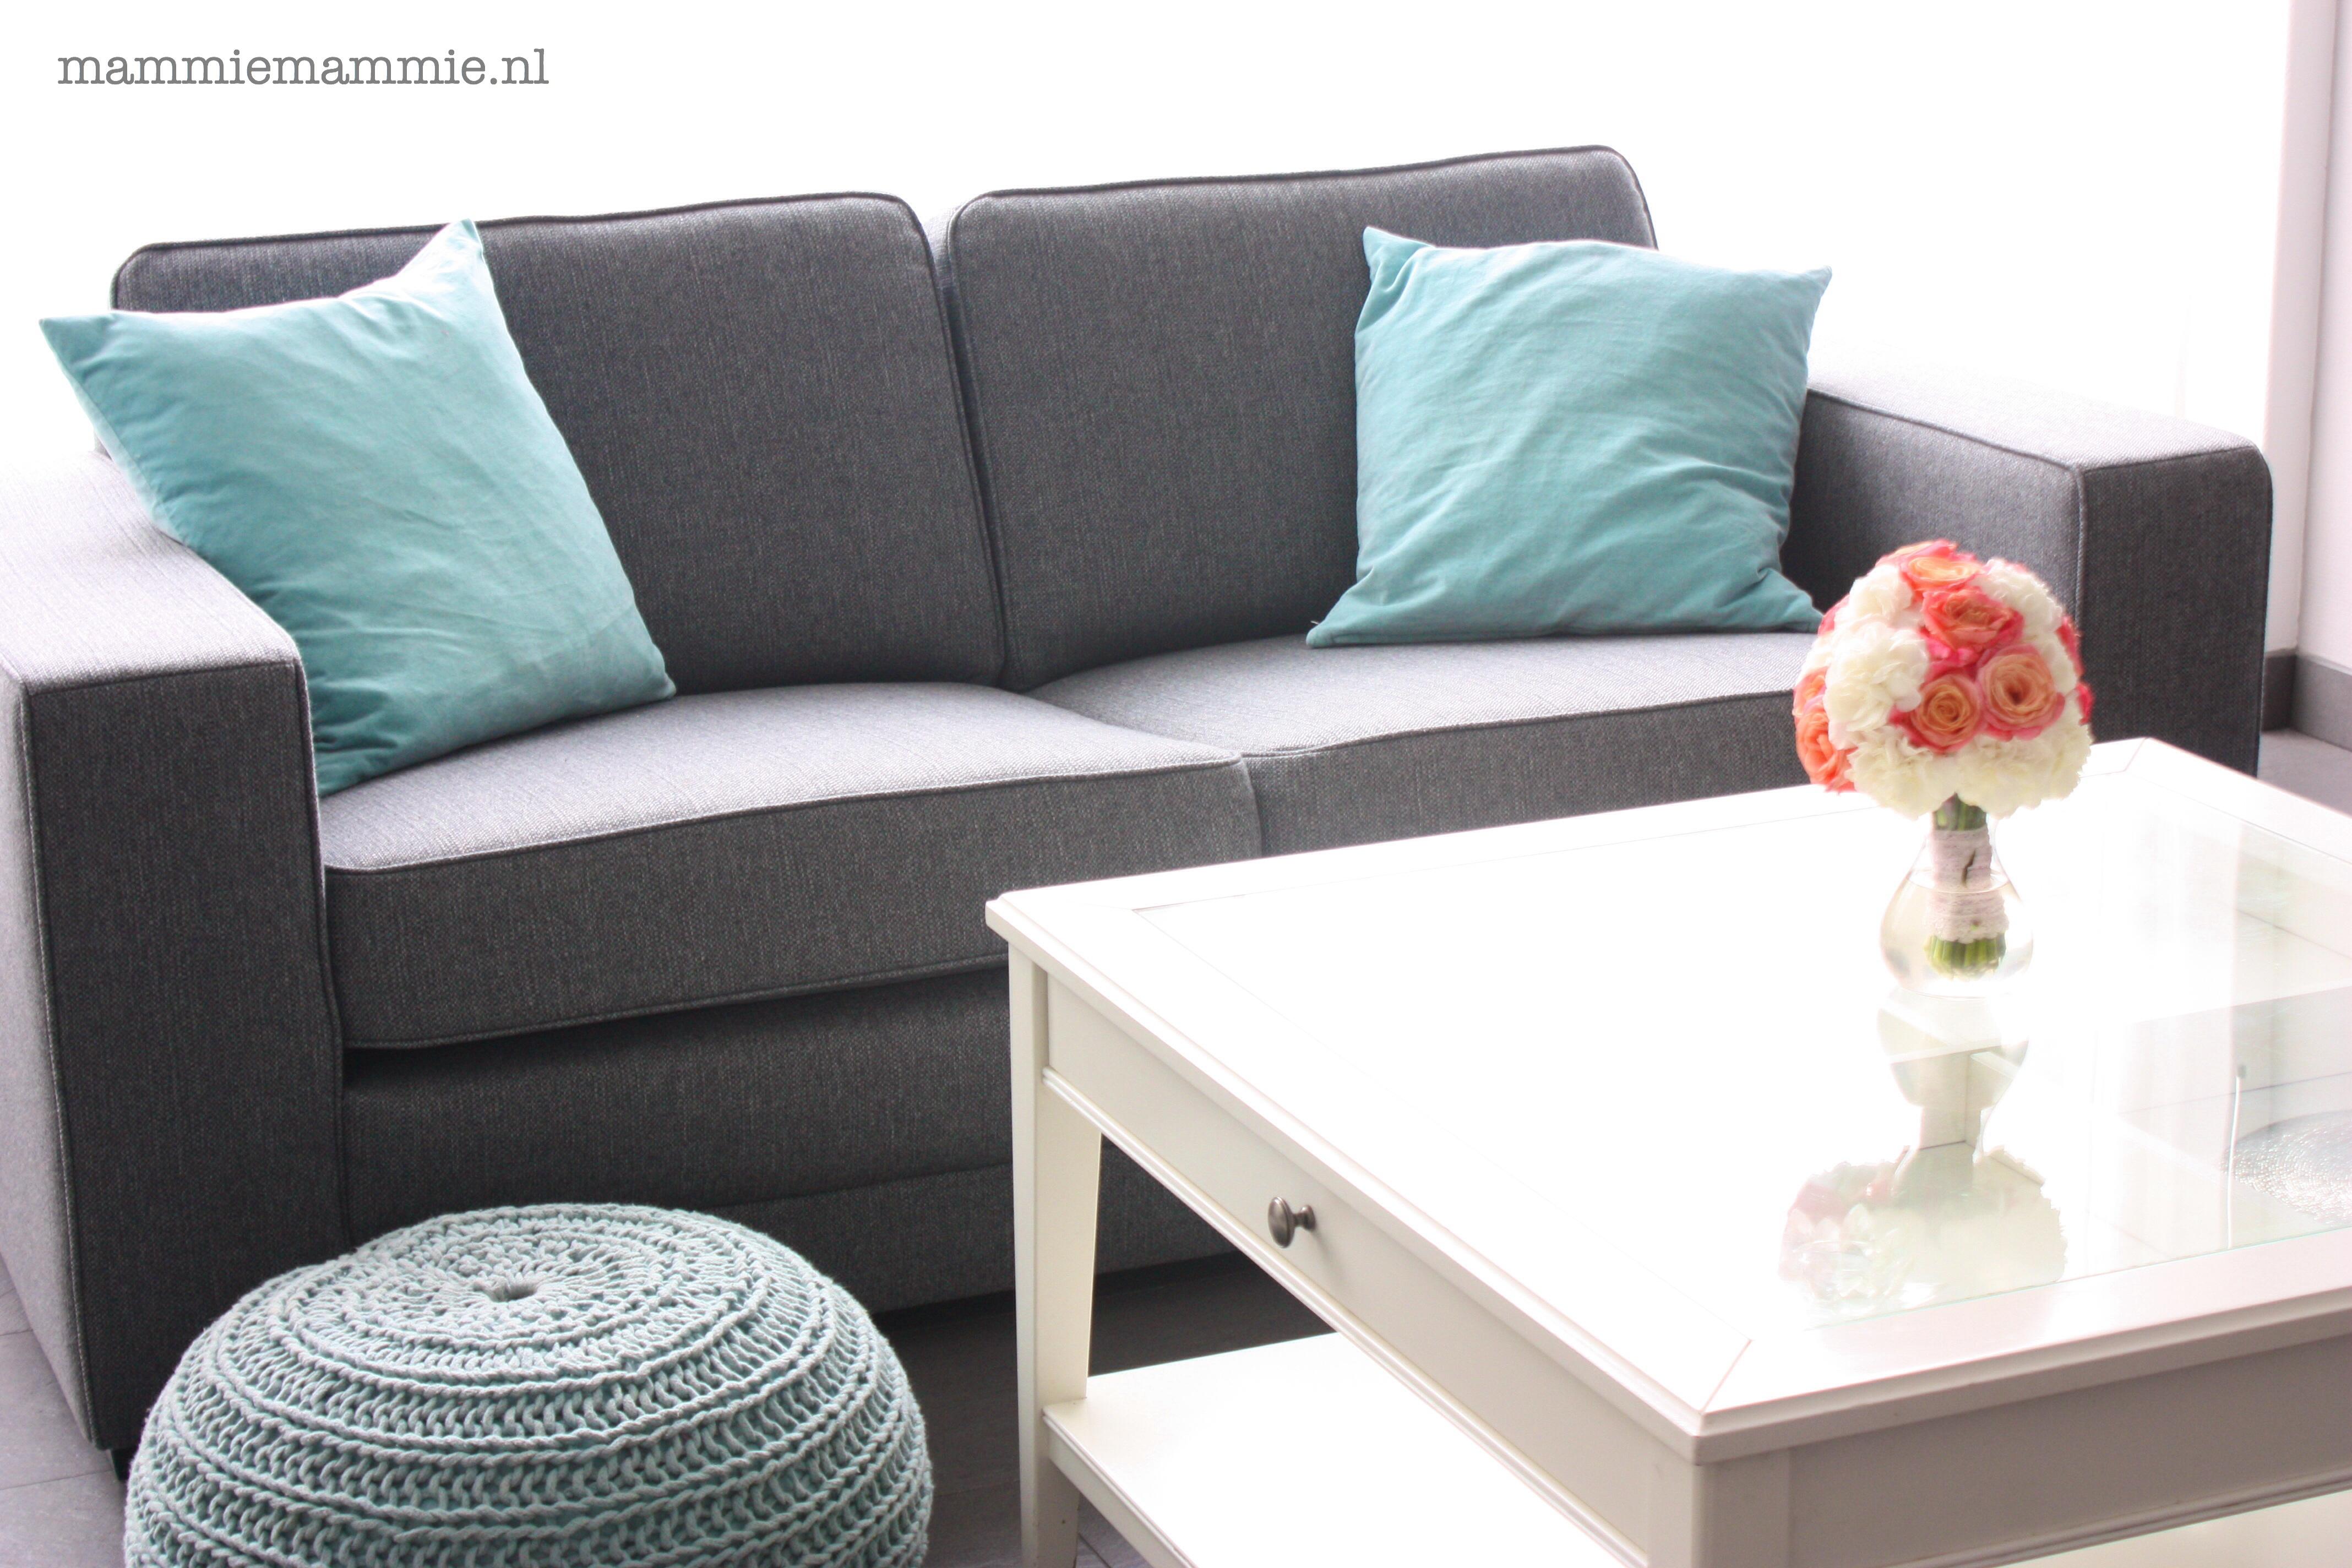 Lente musthaves voor je woonkamer